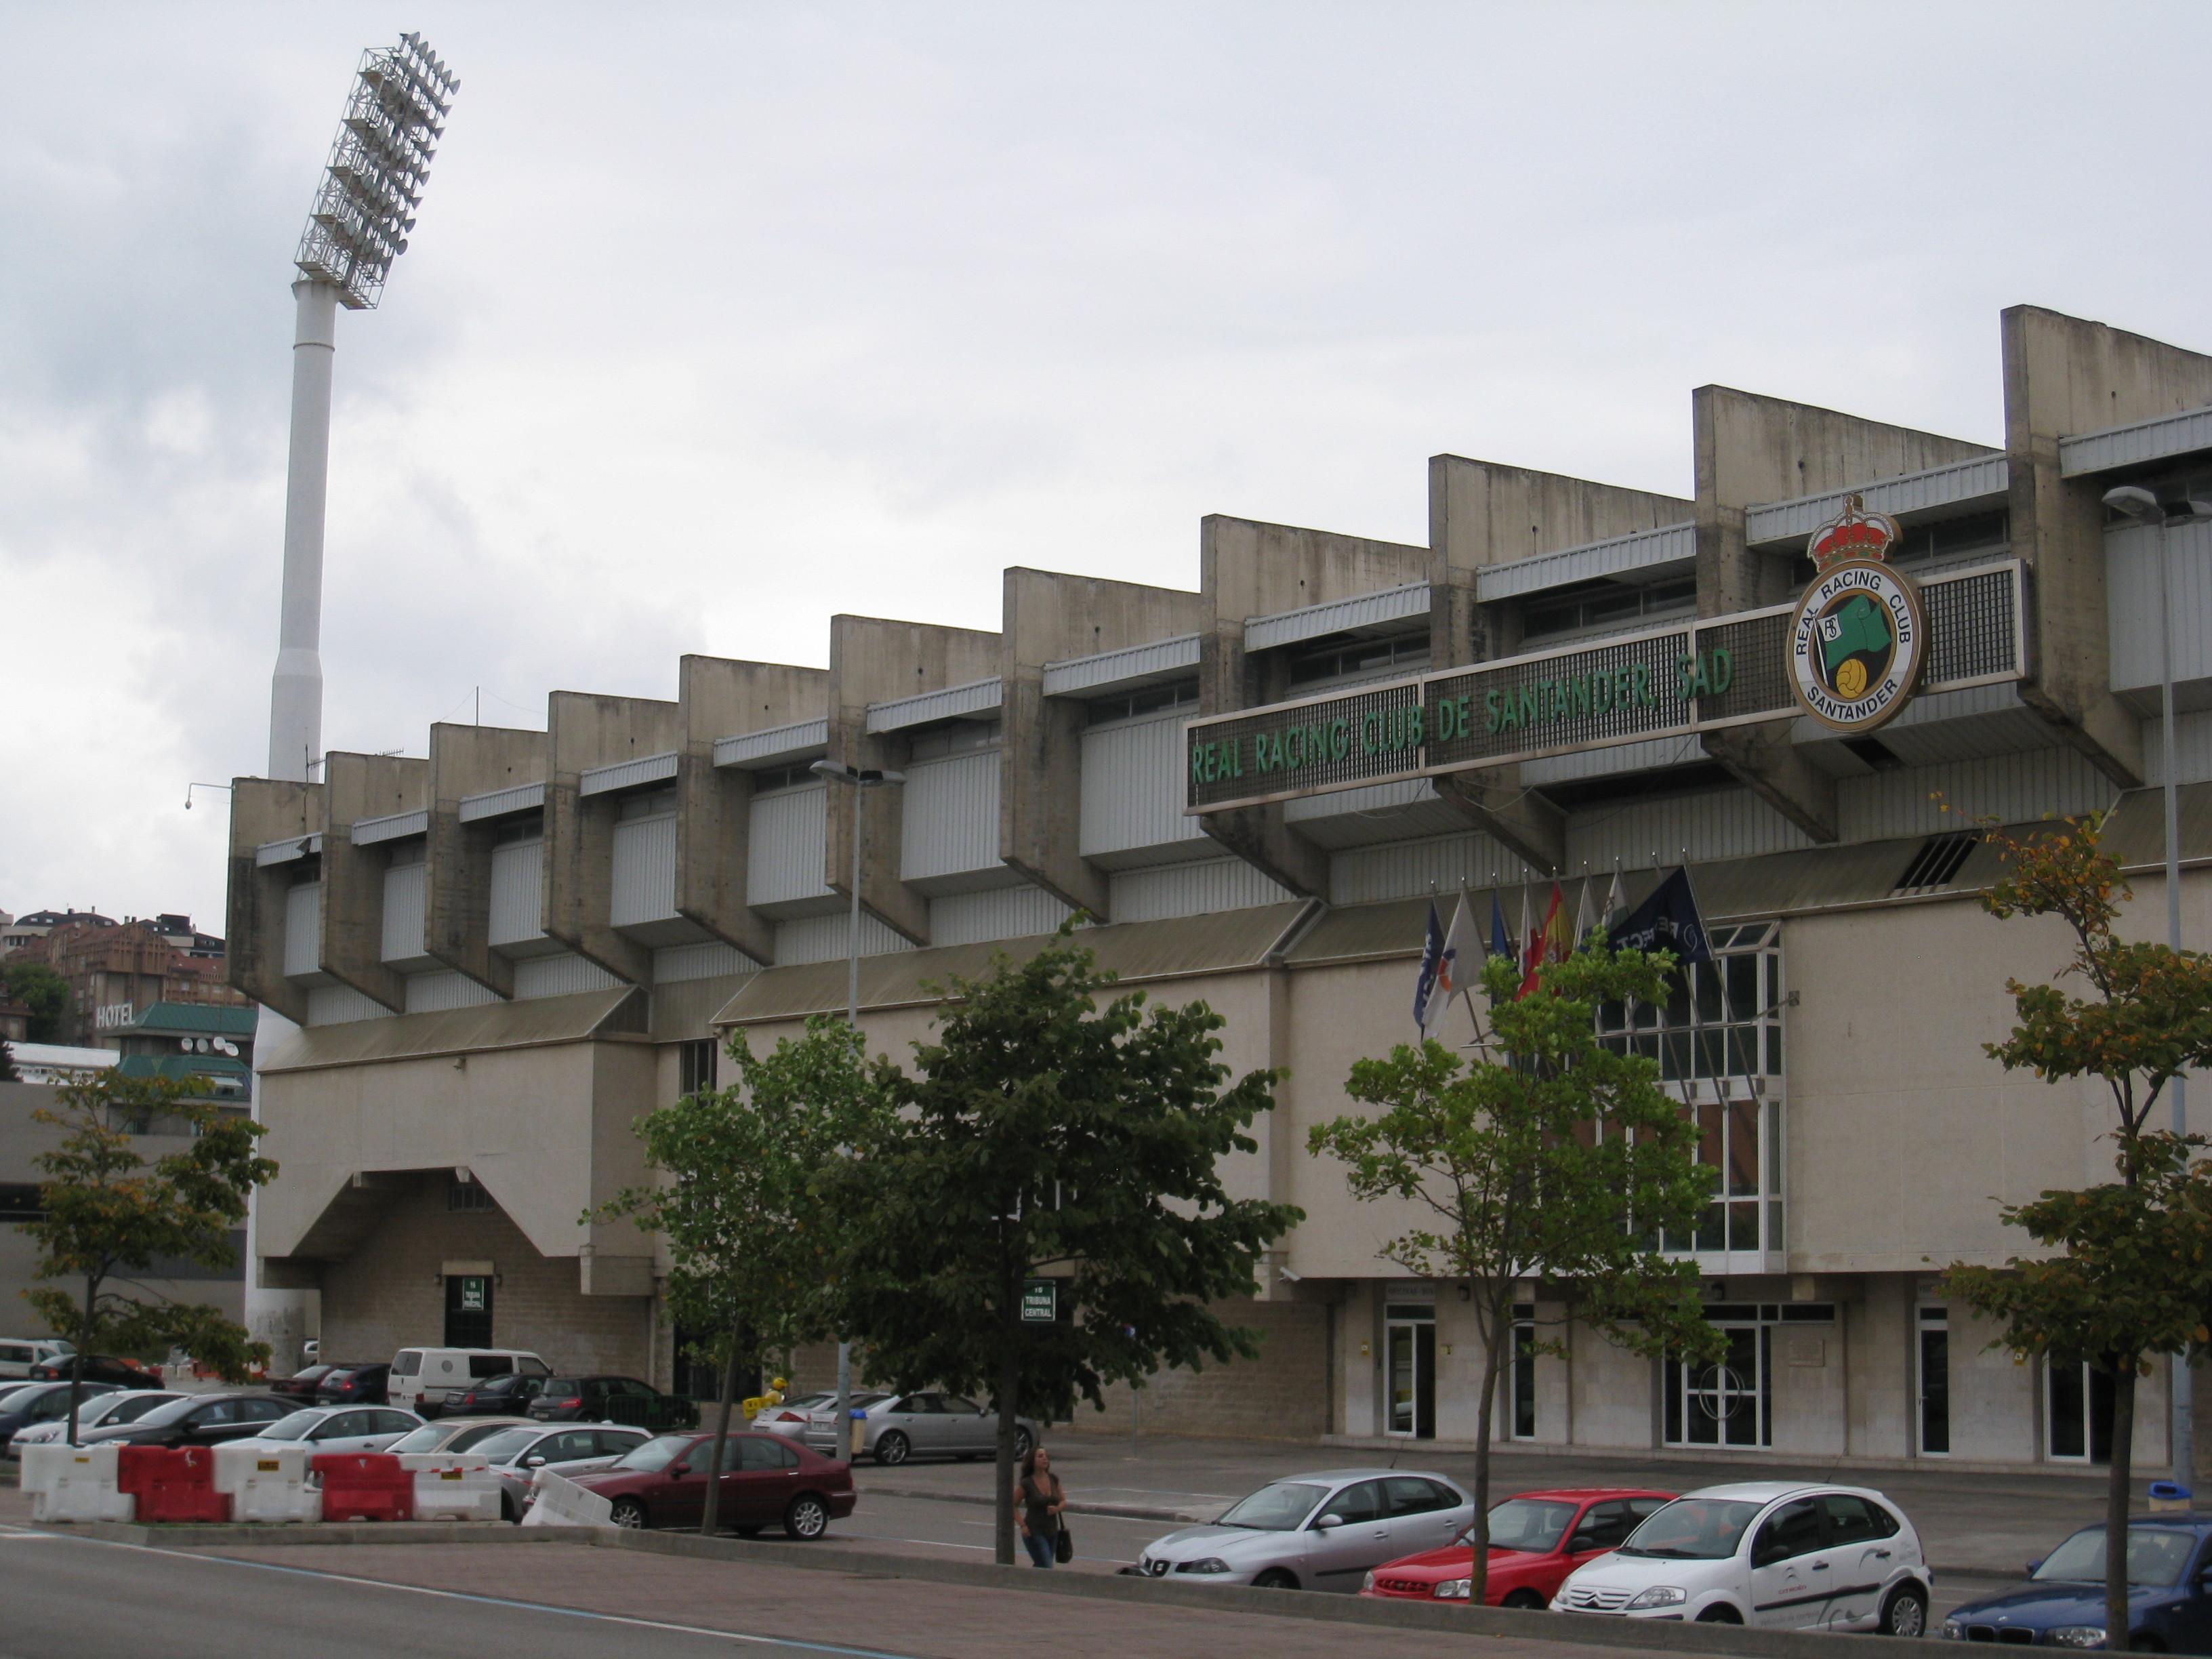 Racing Santander po latach powrócił do Segunda Division. Jaki jest jego cel i jak się przygotowuje do jego zrealizowania?